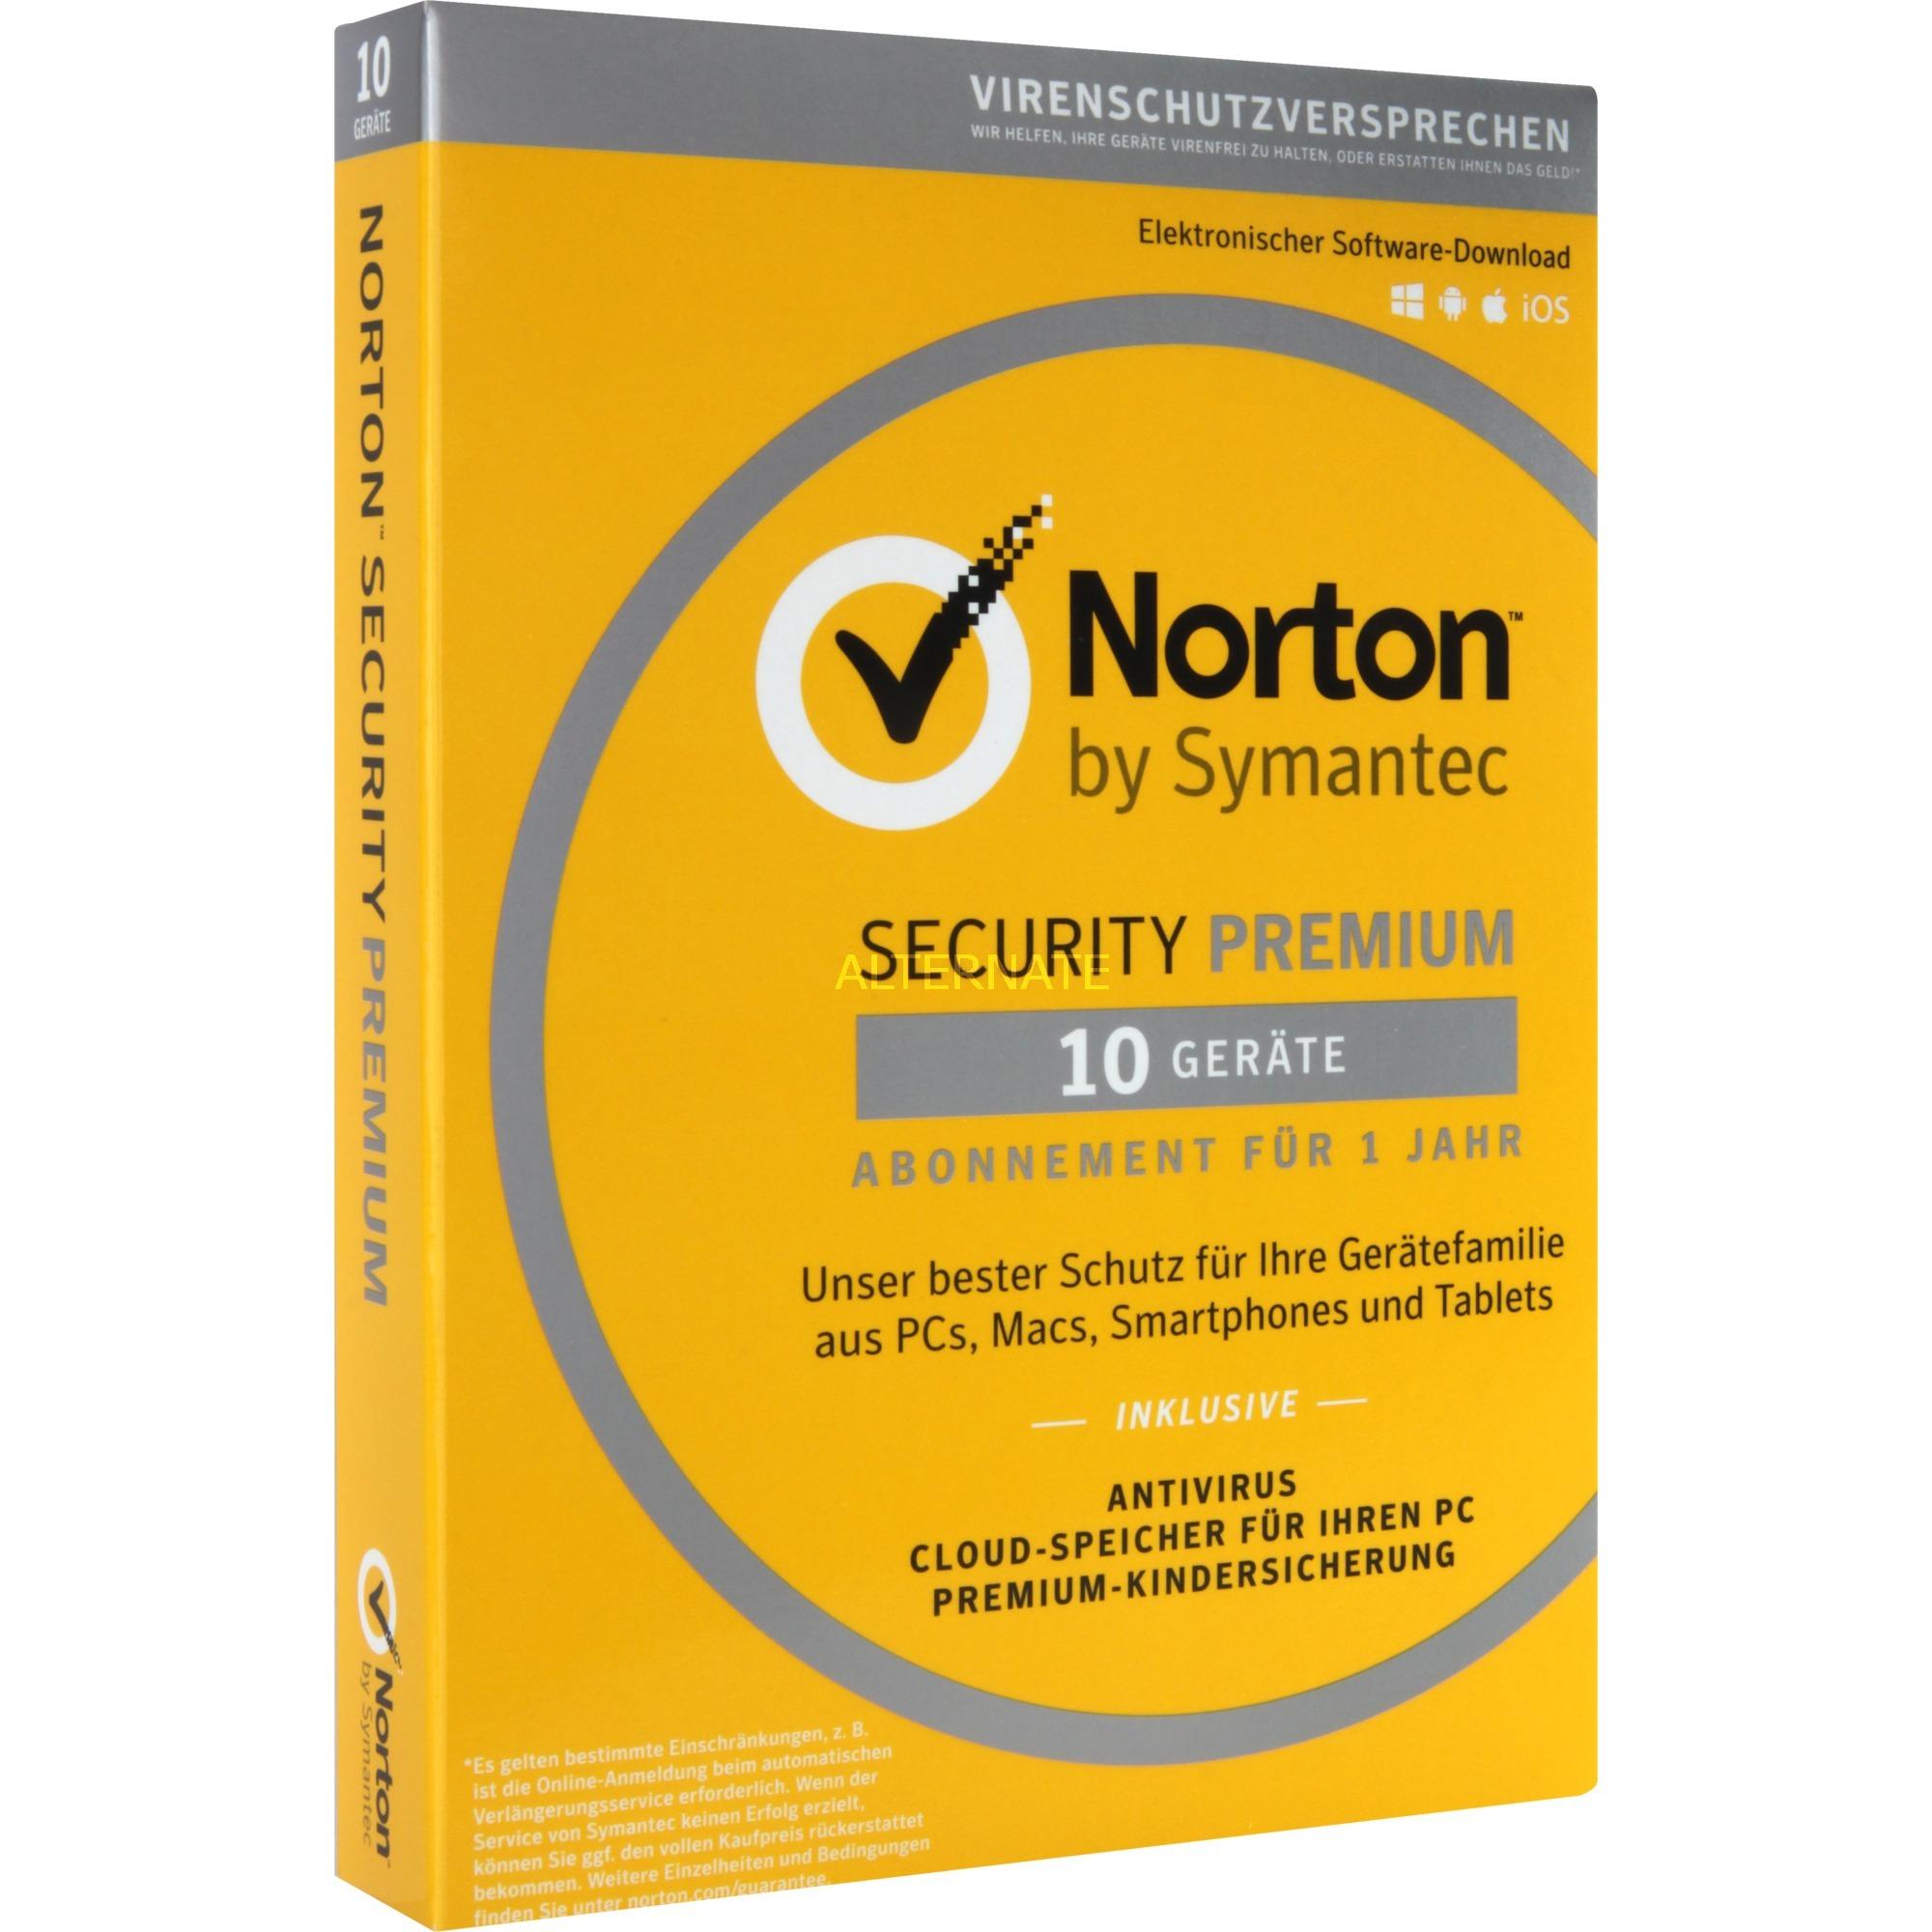 Norton Security Premium 3.0 Licencia completa 1 licencia(s) 1 año(s) Alemán, Software